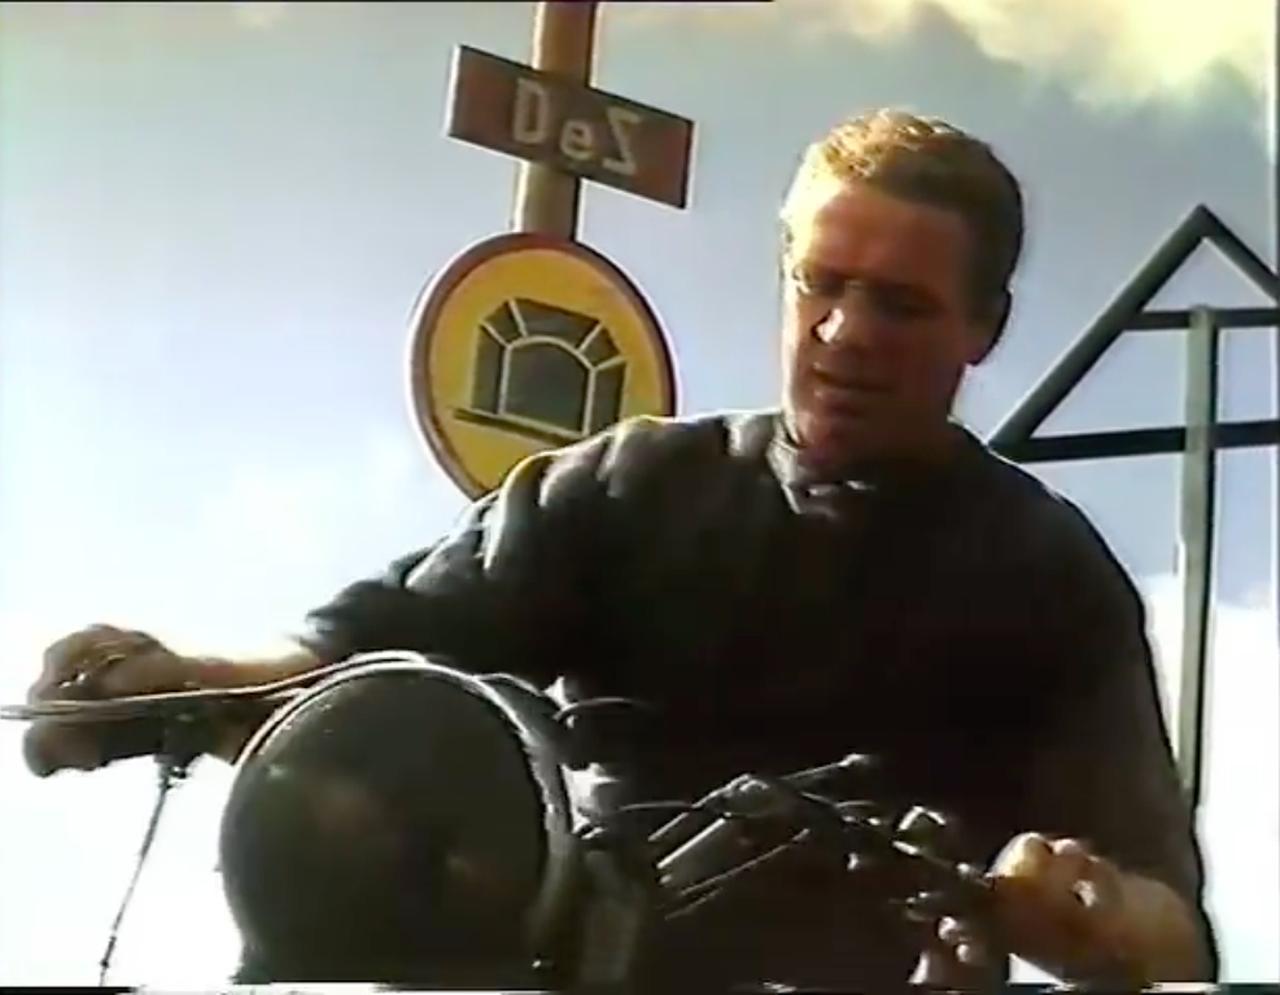 画像: 燃料タンクのフィラーキャップを外し、そして車体をゆすってガソリンの残量を確認したら・・・「やべぇ、ガス欠じゃん」という表情をするヒルツ。ここで万事休すか? www.youtube.com